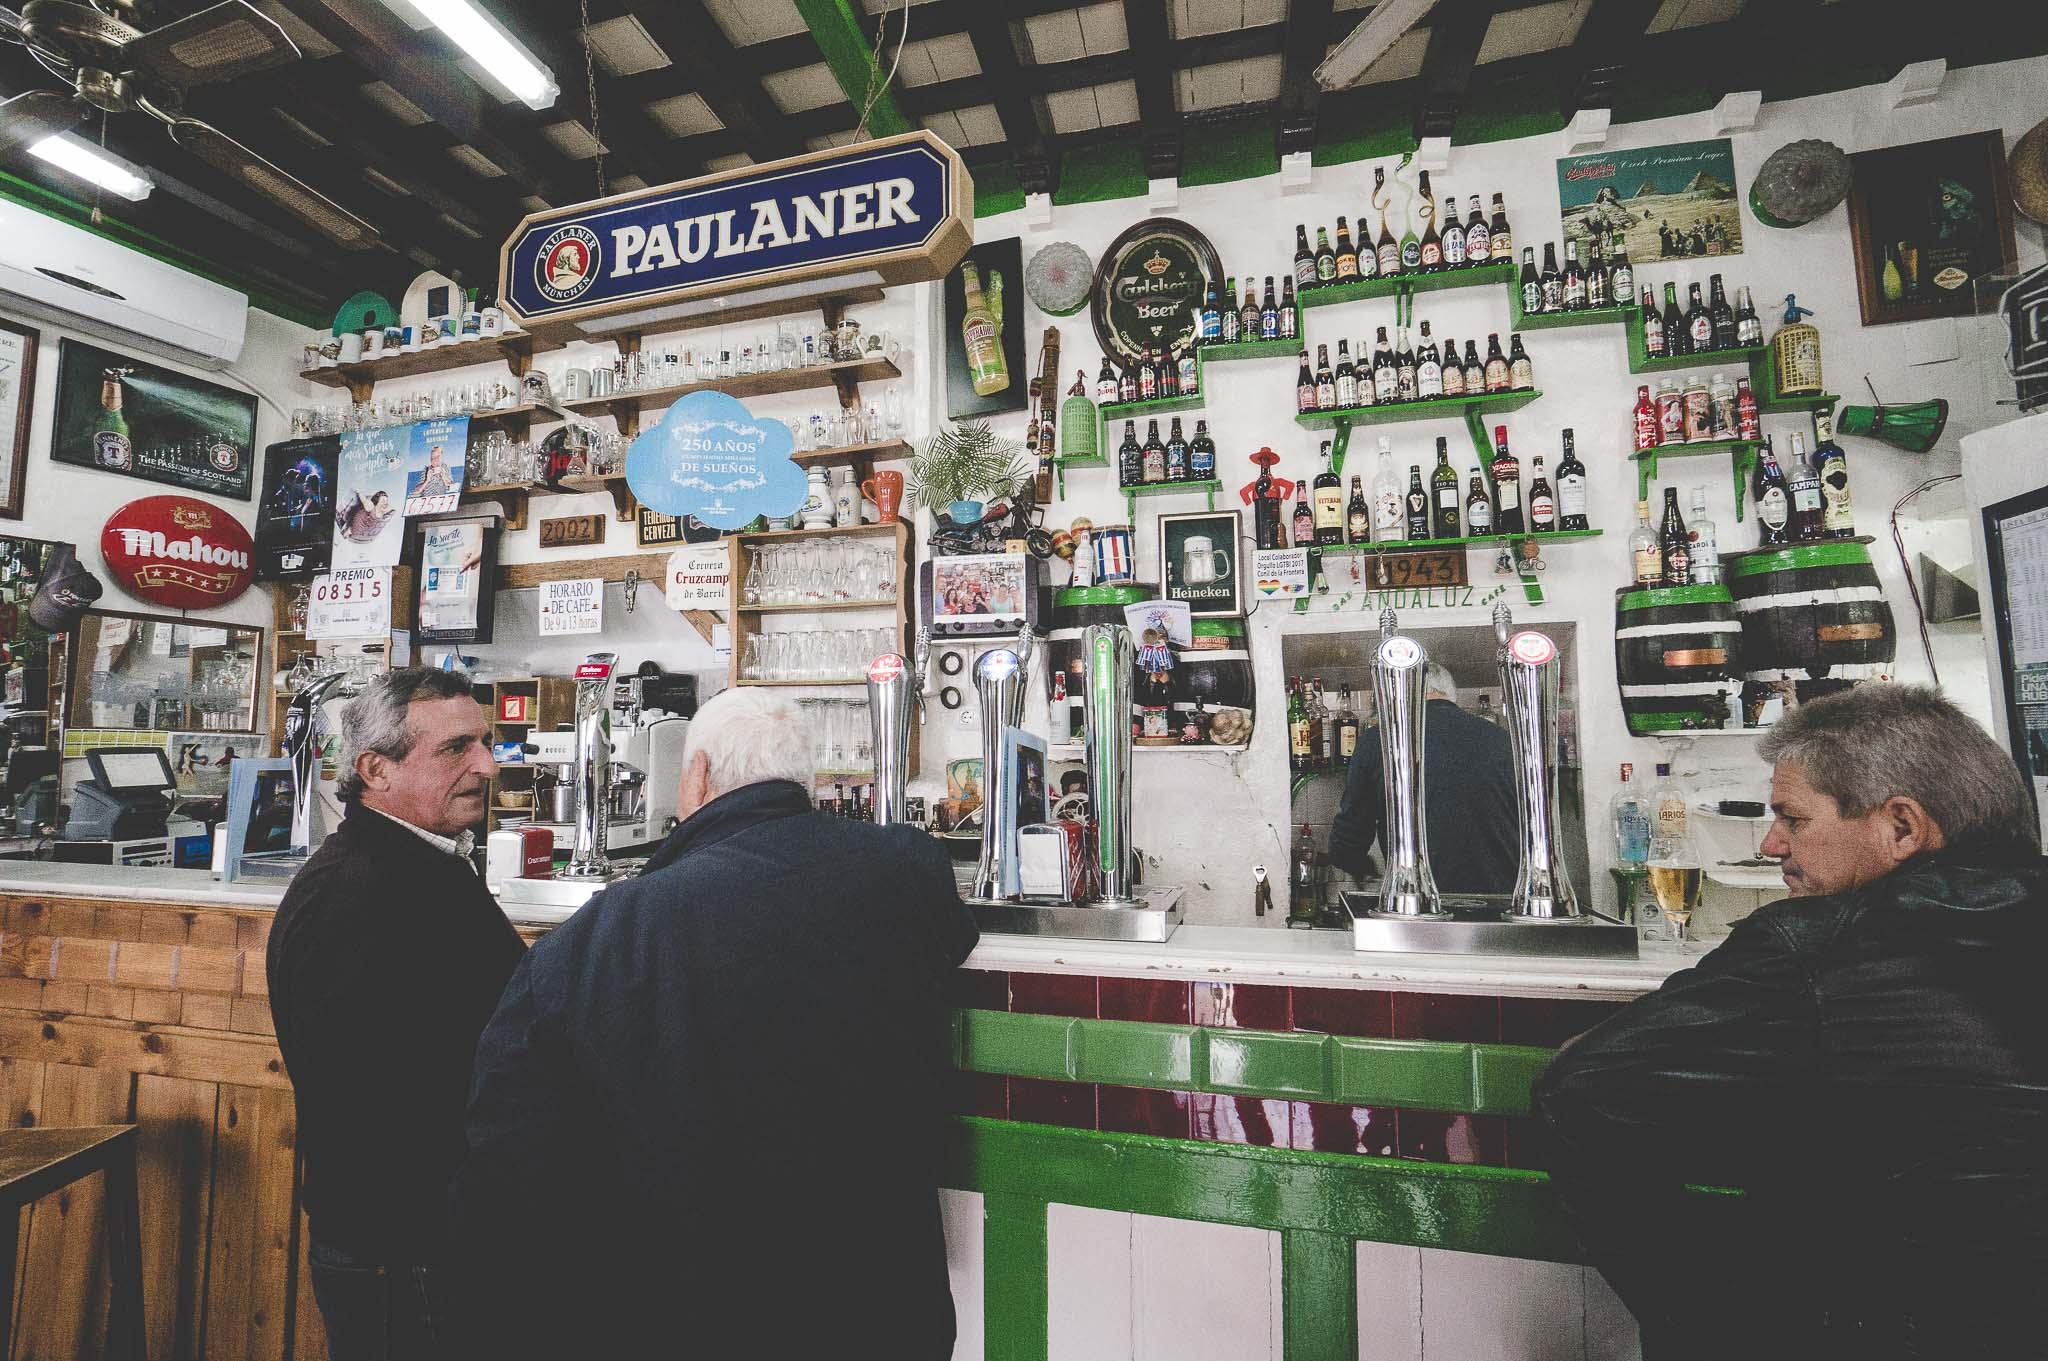 szeroki wybór piwa, głównie dla niemieckich turystów ;-)